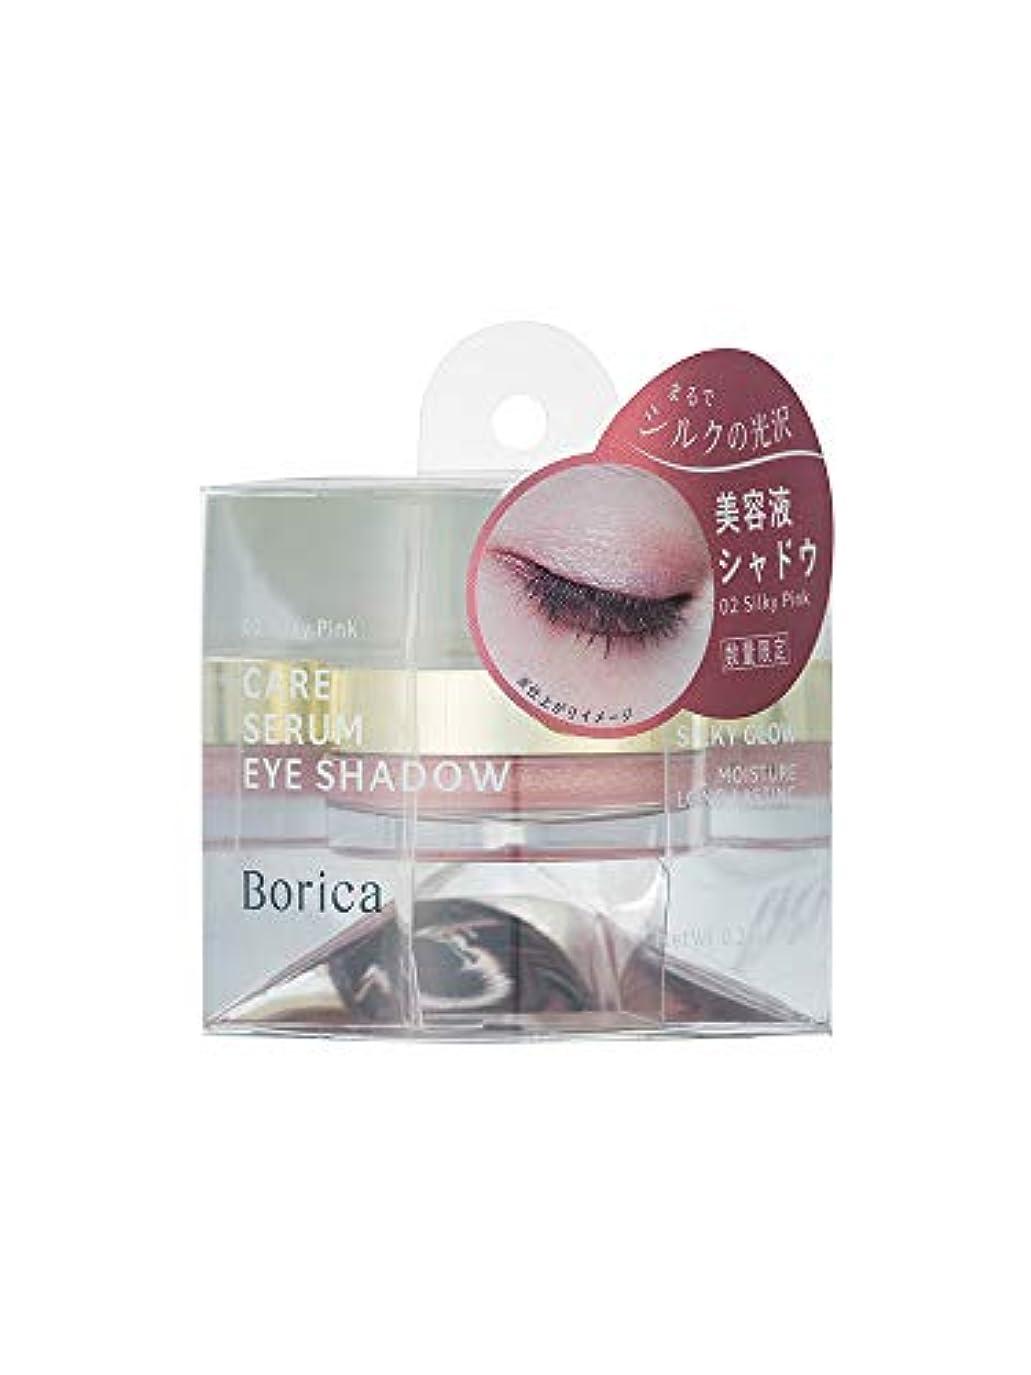 レオナルドダ浮く保存Borica 美容液ケアアイシャドウ<シルキーグロウ02(02 Silky Pink)>